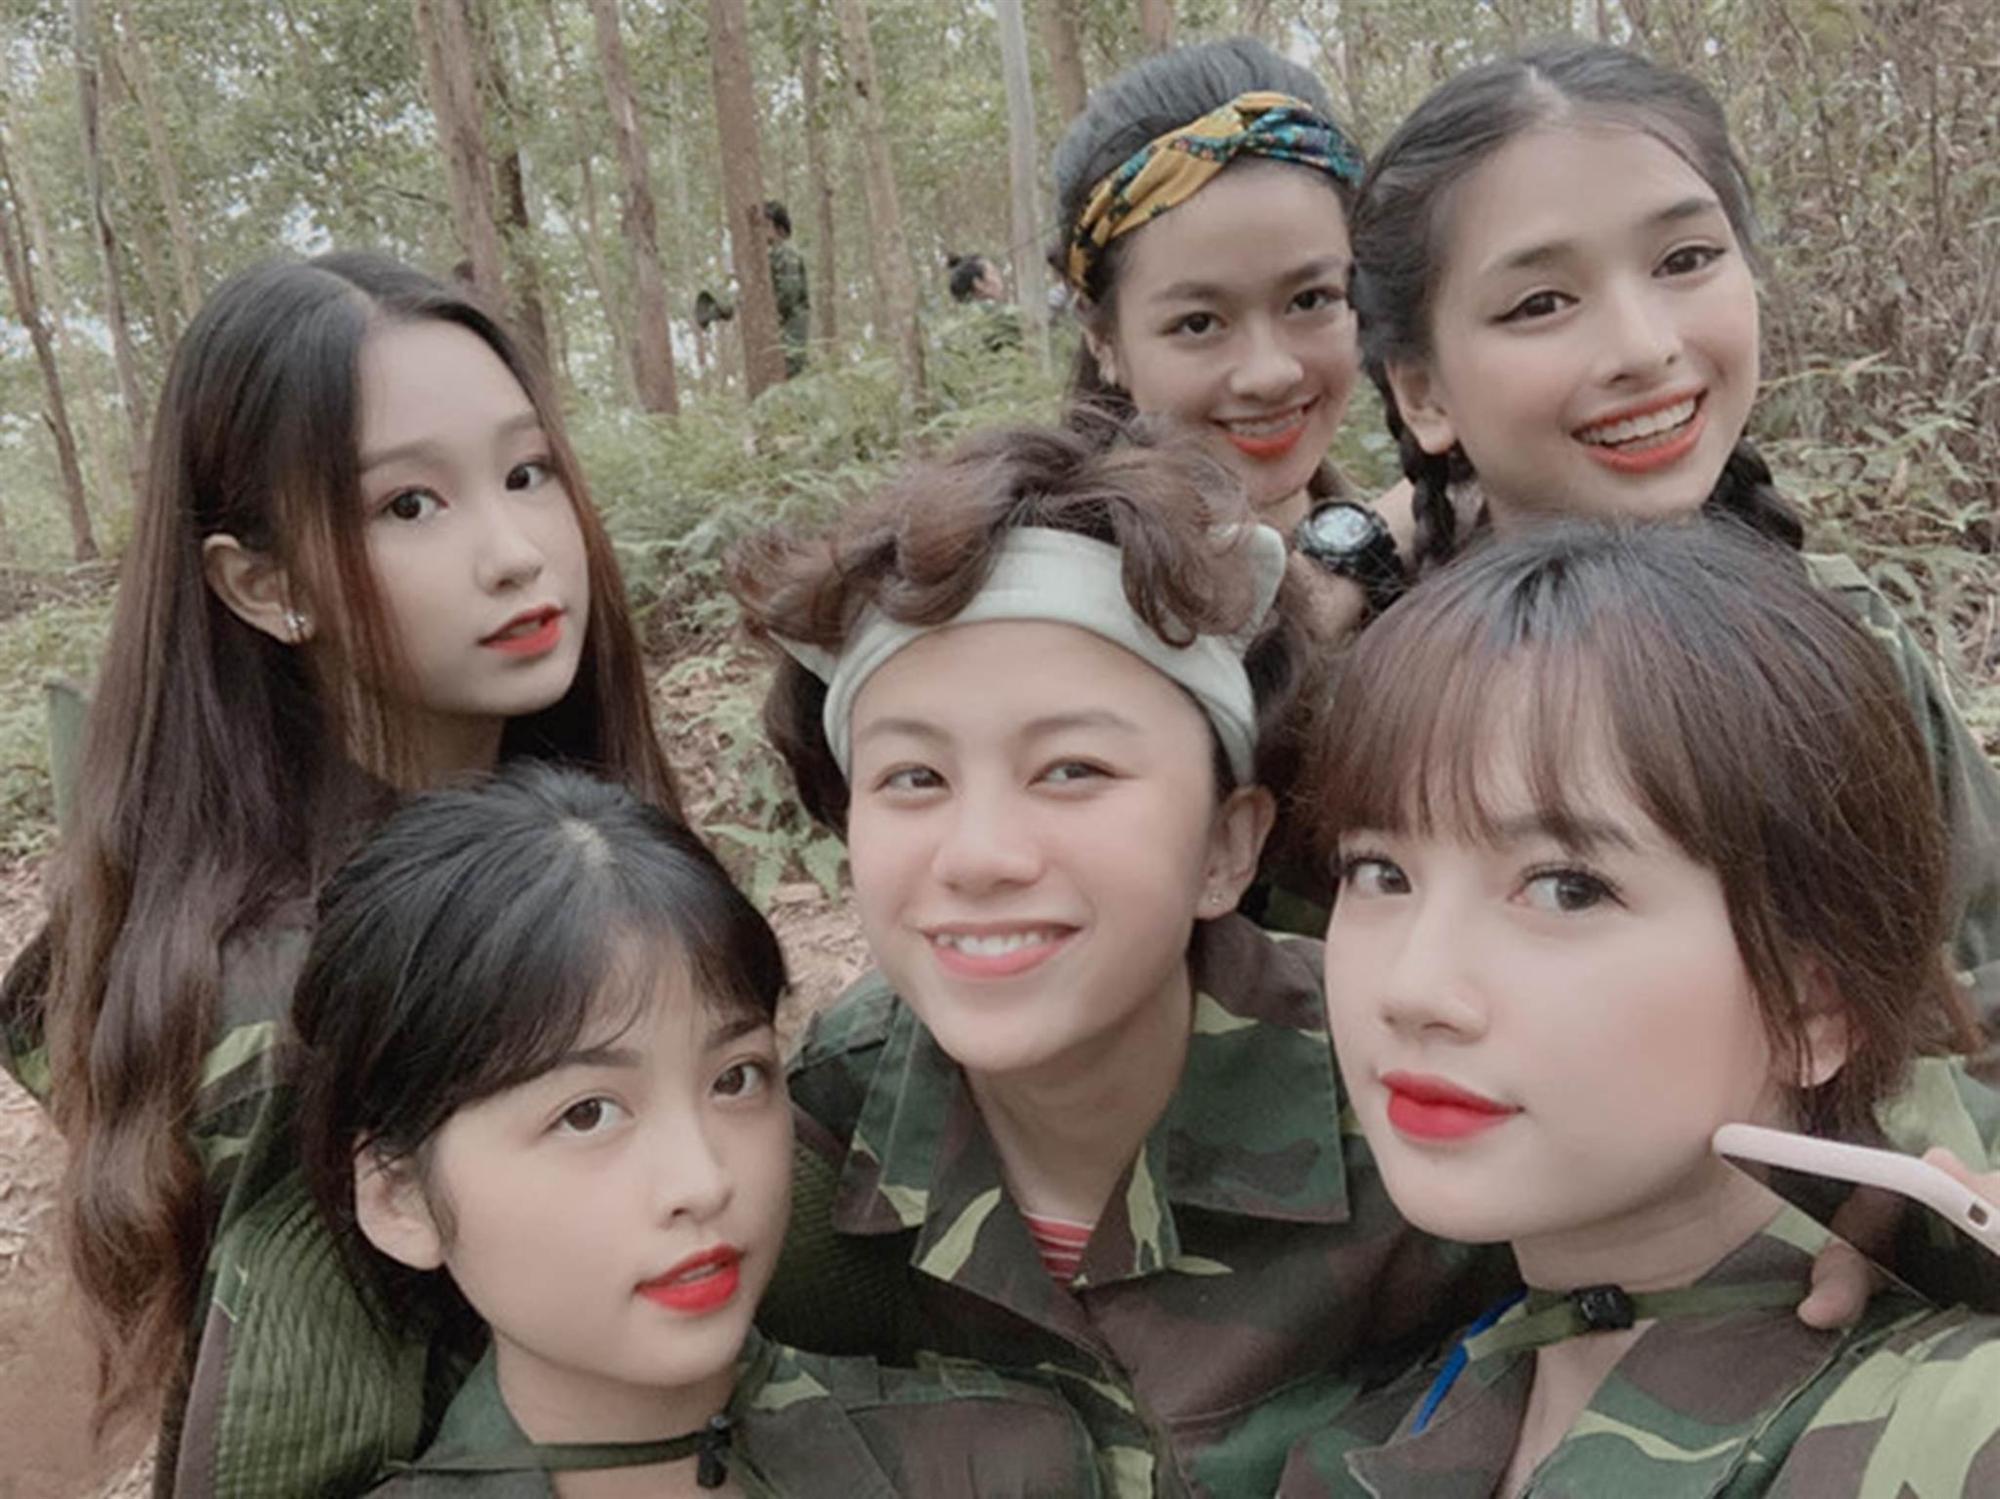 Nữ sinh Sân khấu Điện ảnh được chú ý sau bức ảnh selfie tập quân sự-1